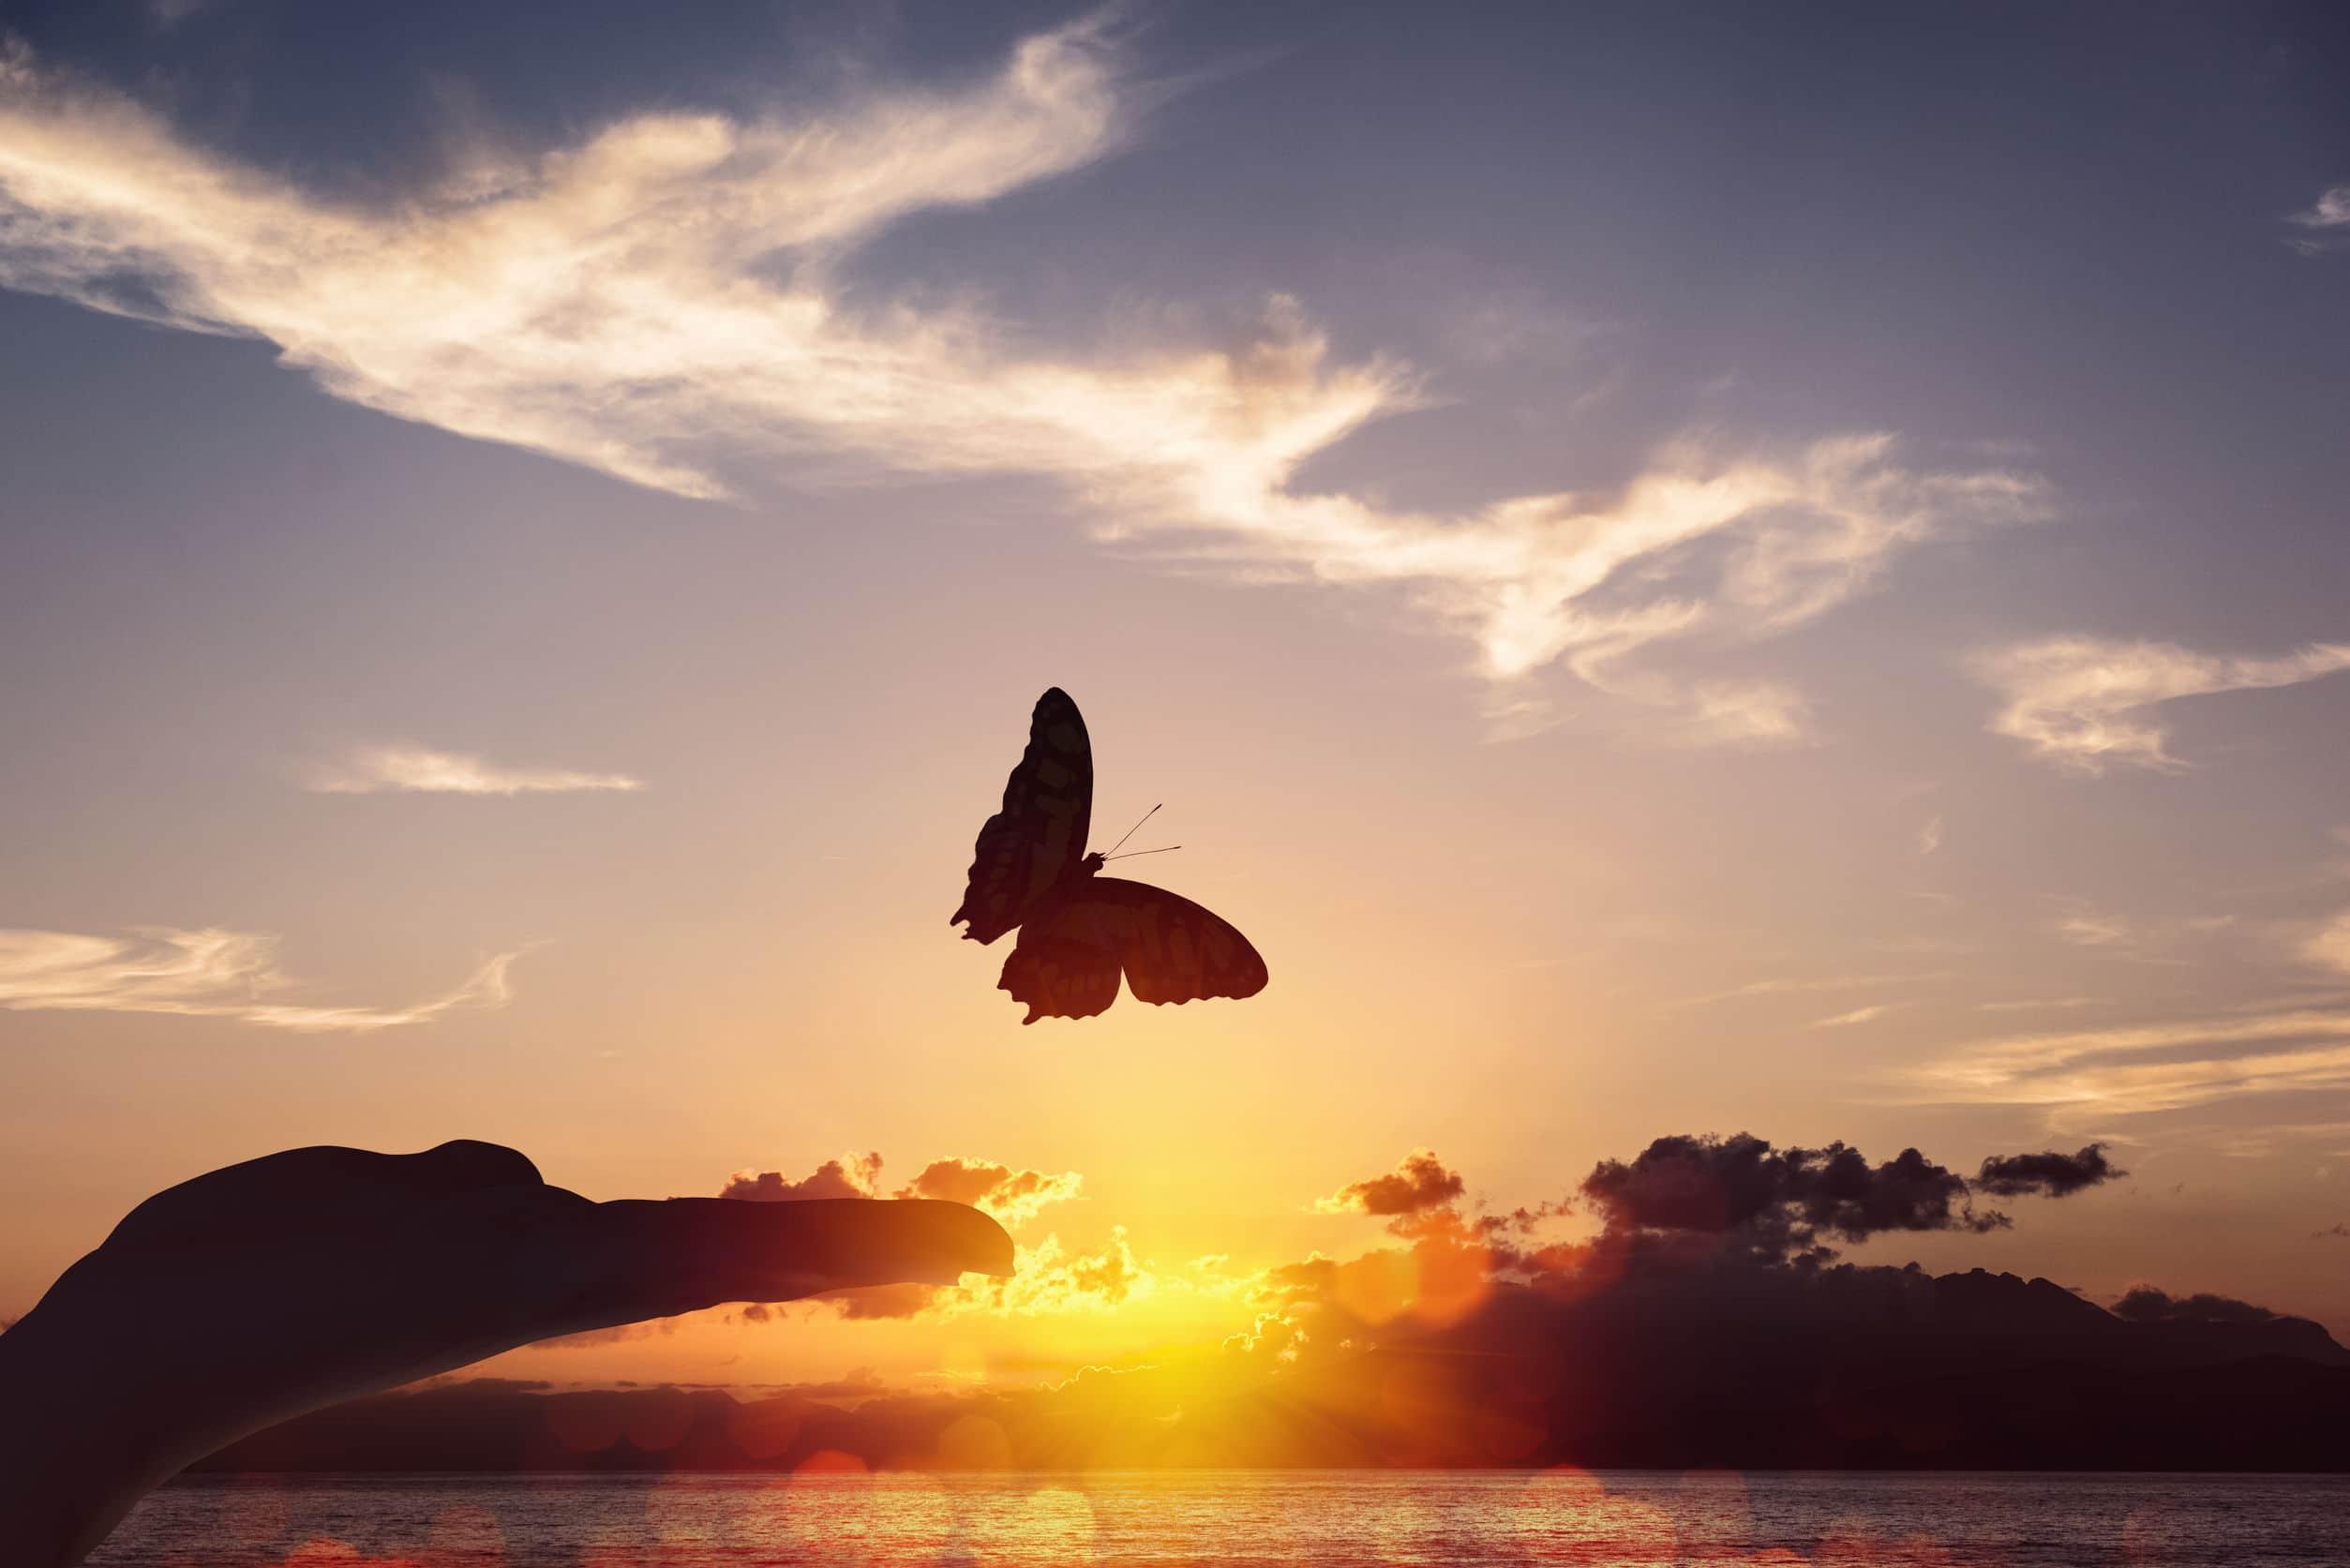 Borboleta voando no ceú com pôr do sol laranja.